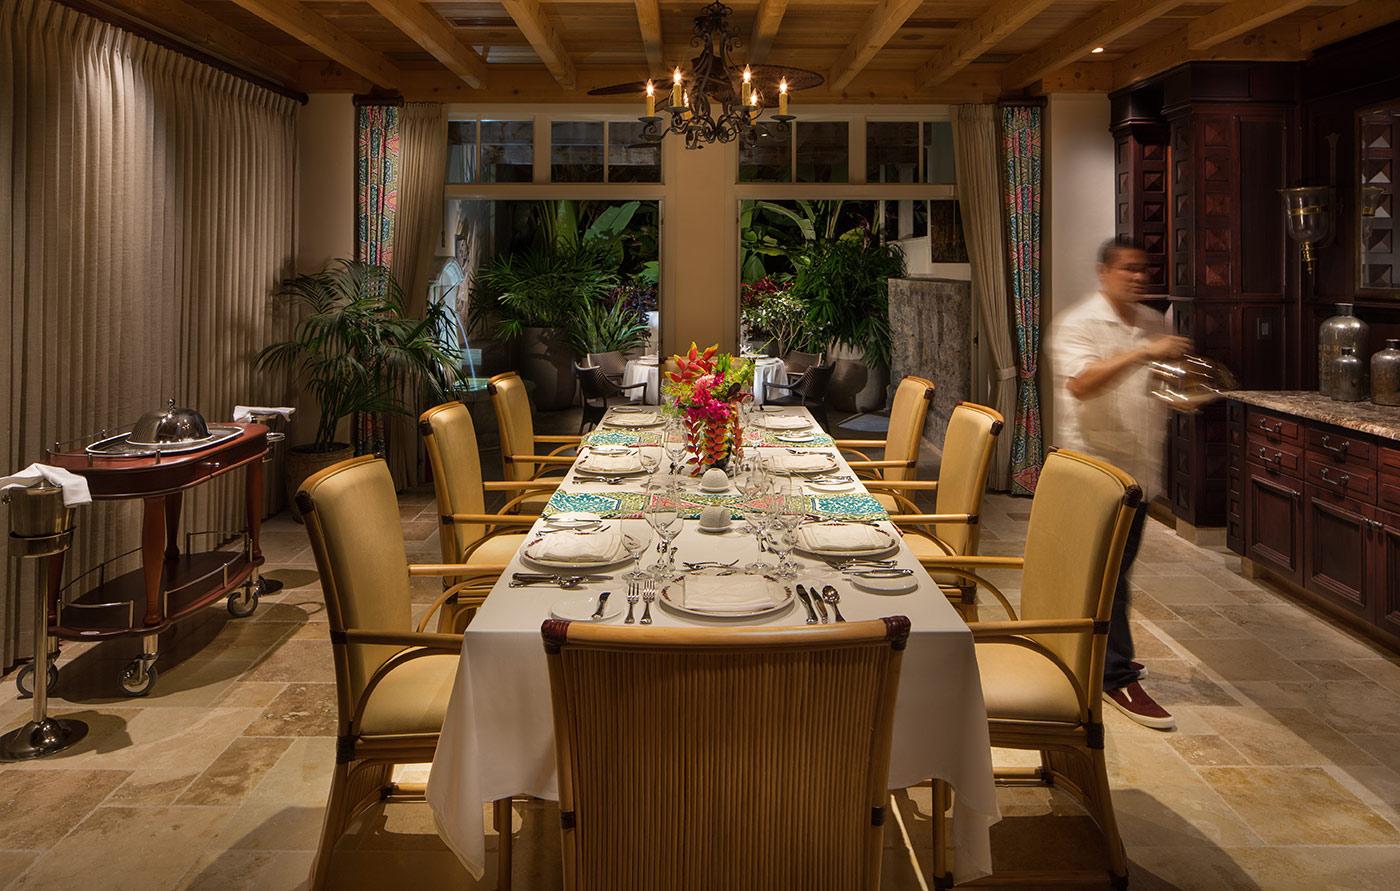 longtable-dining-waiter.jpg